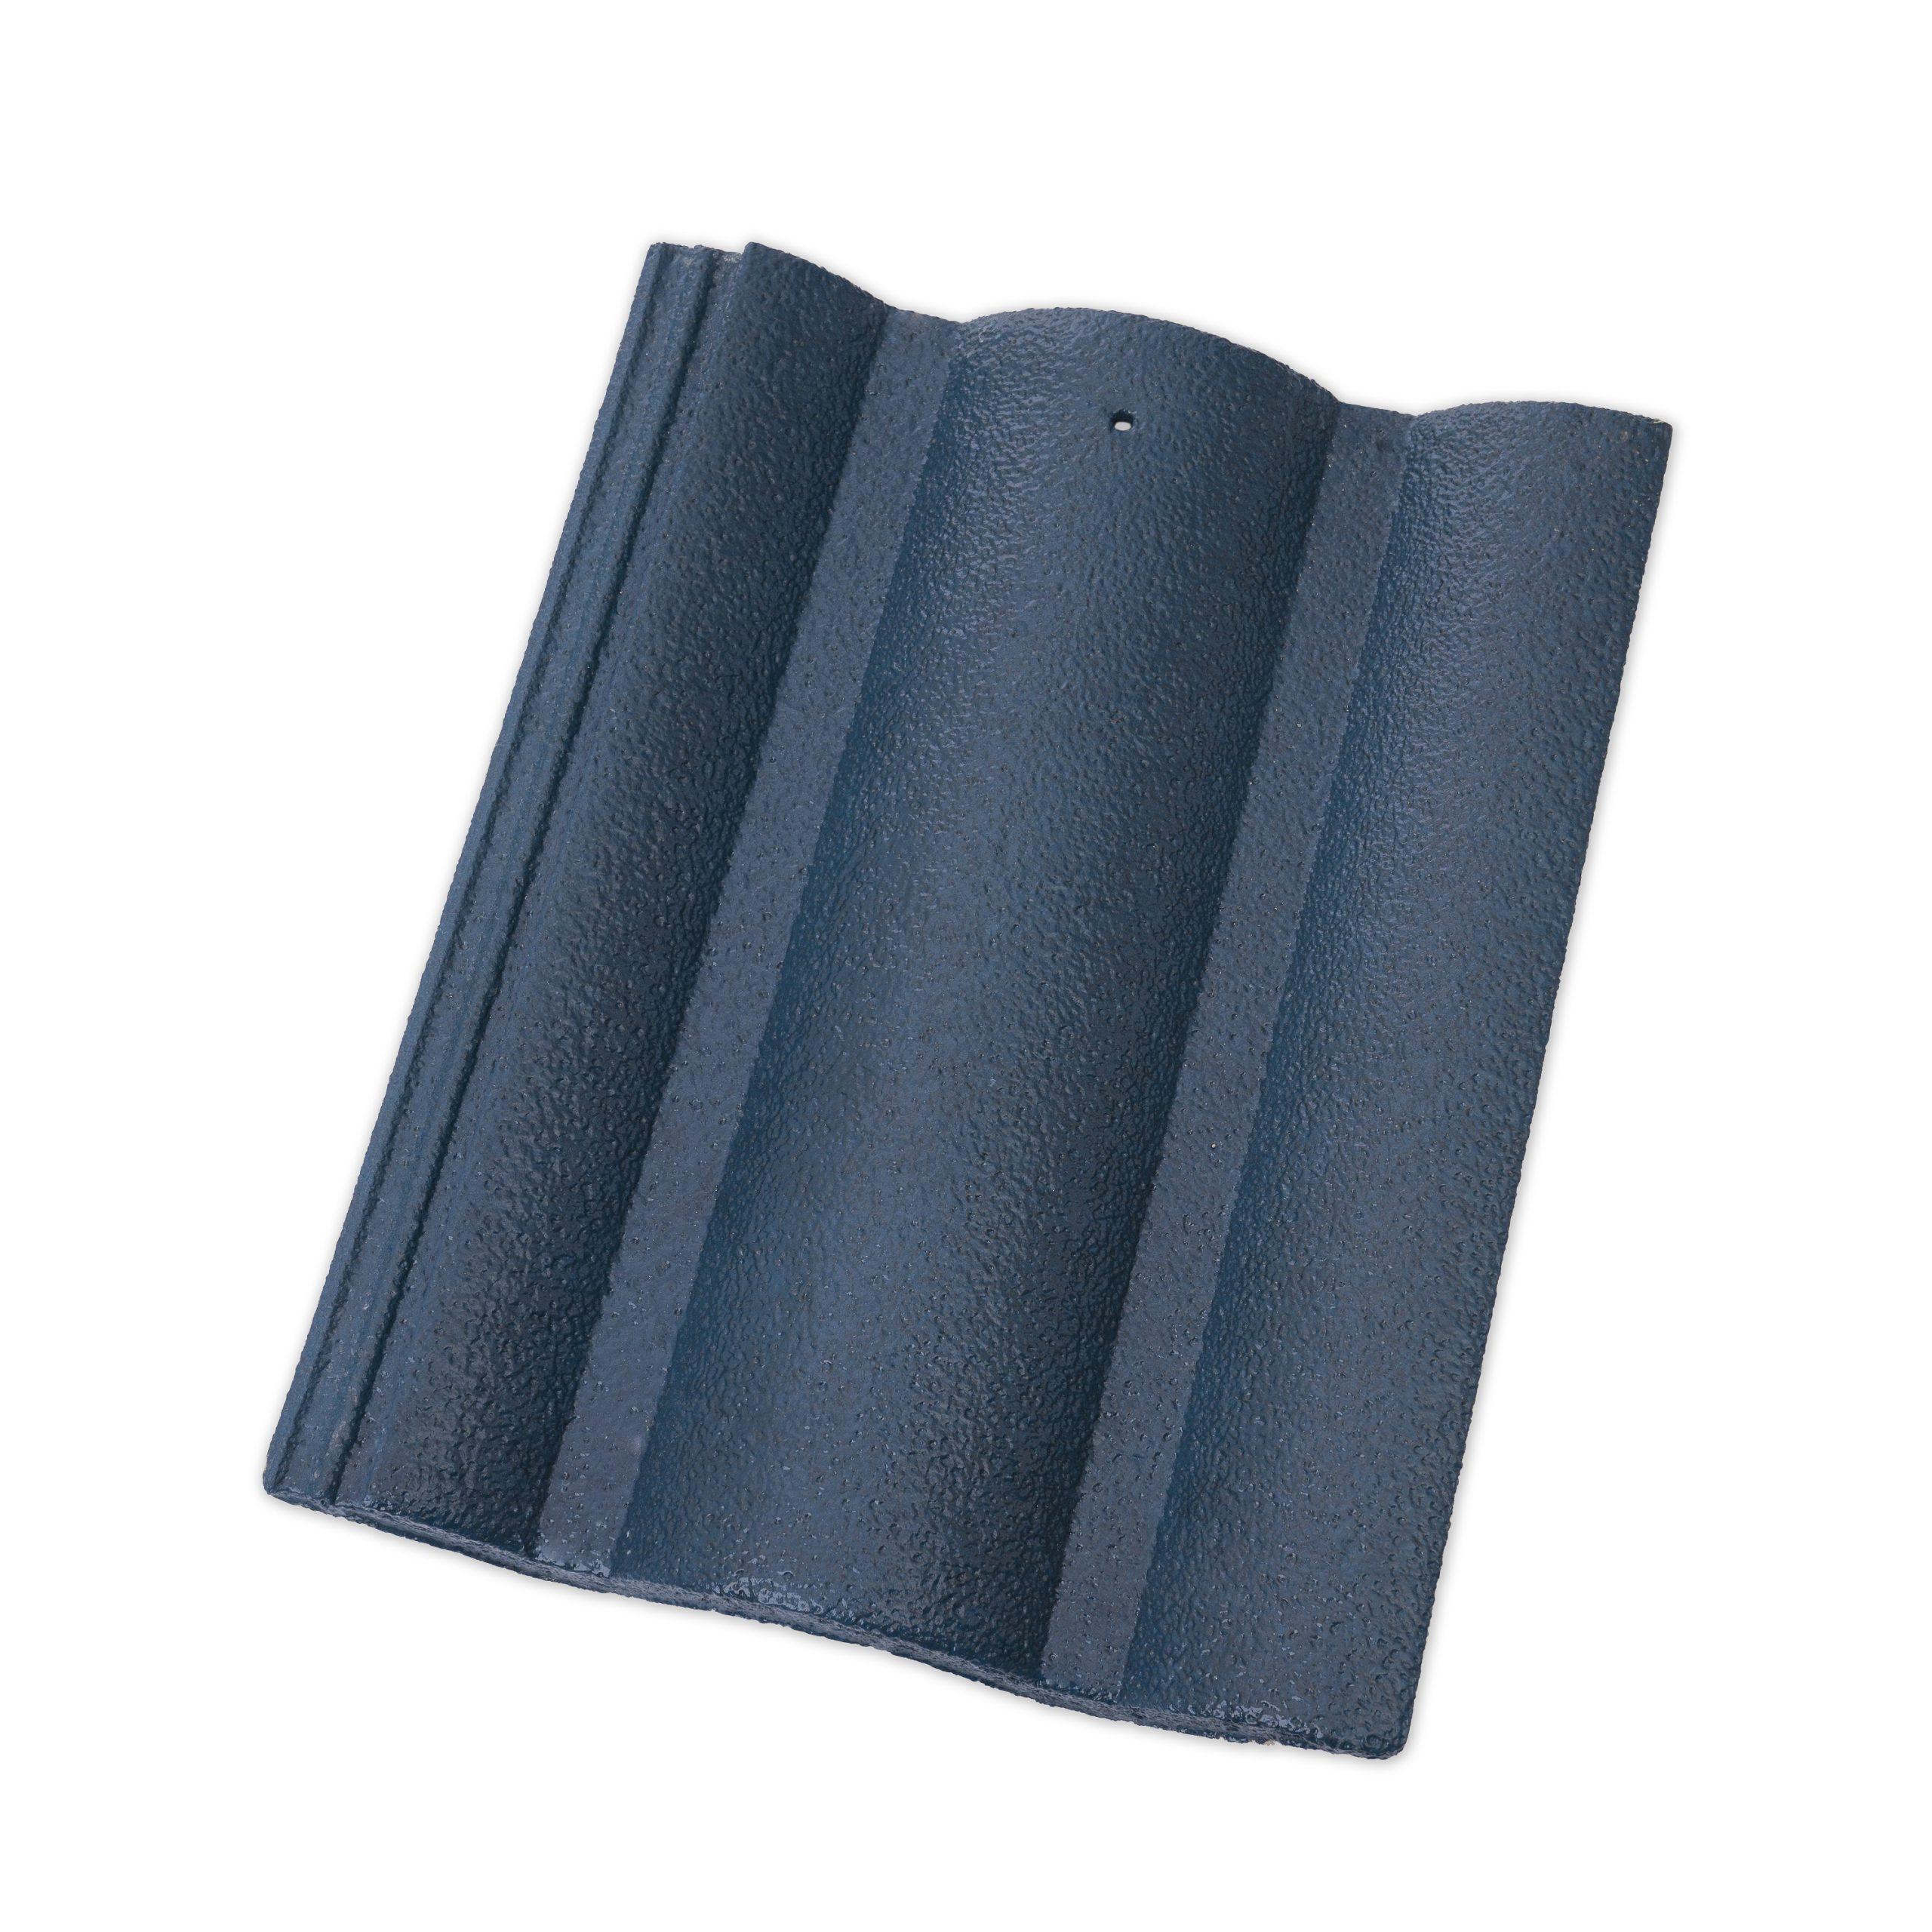 mẫu ngói scg xanh hải quân